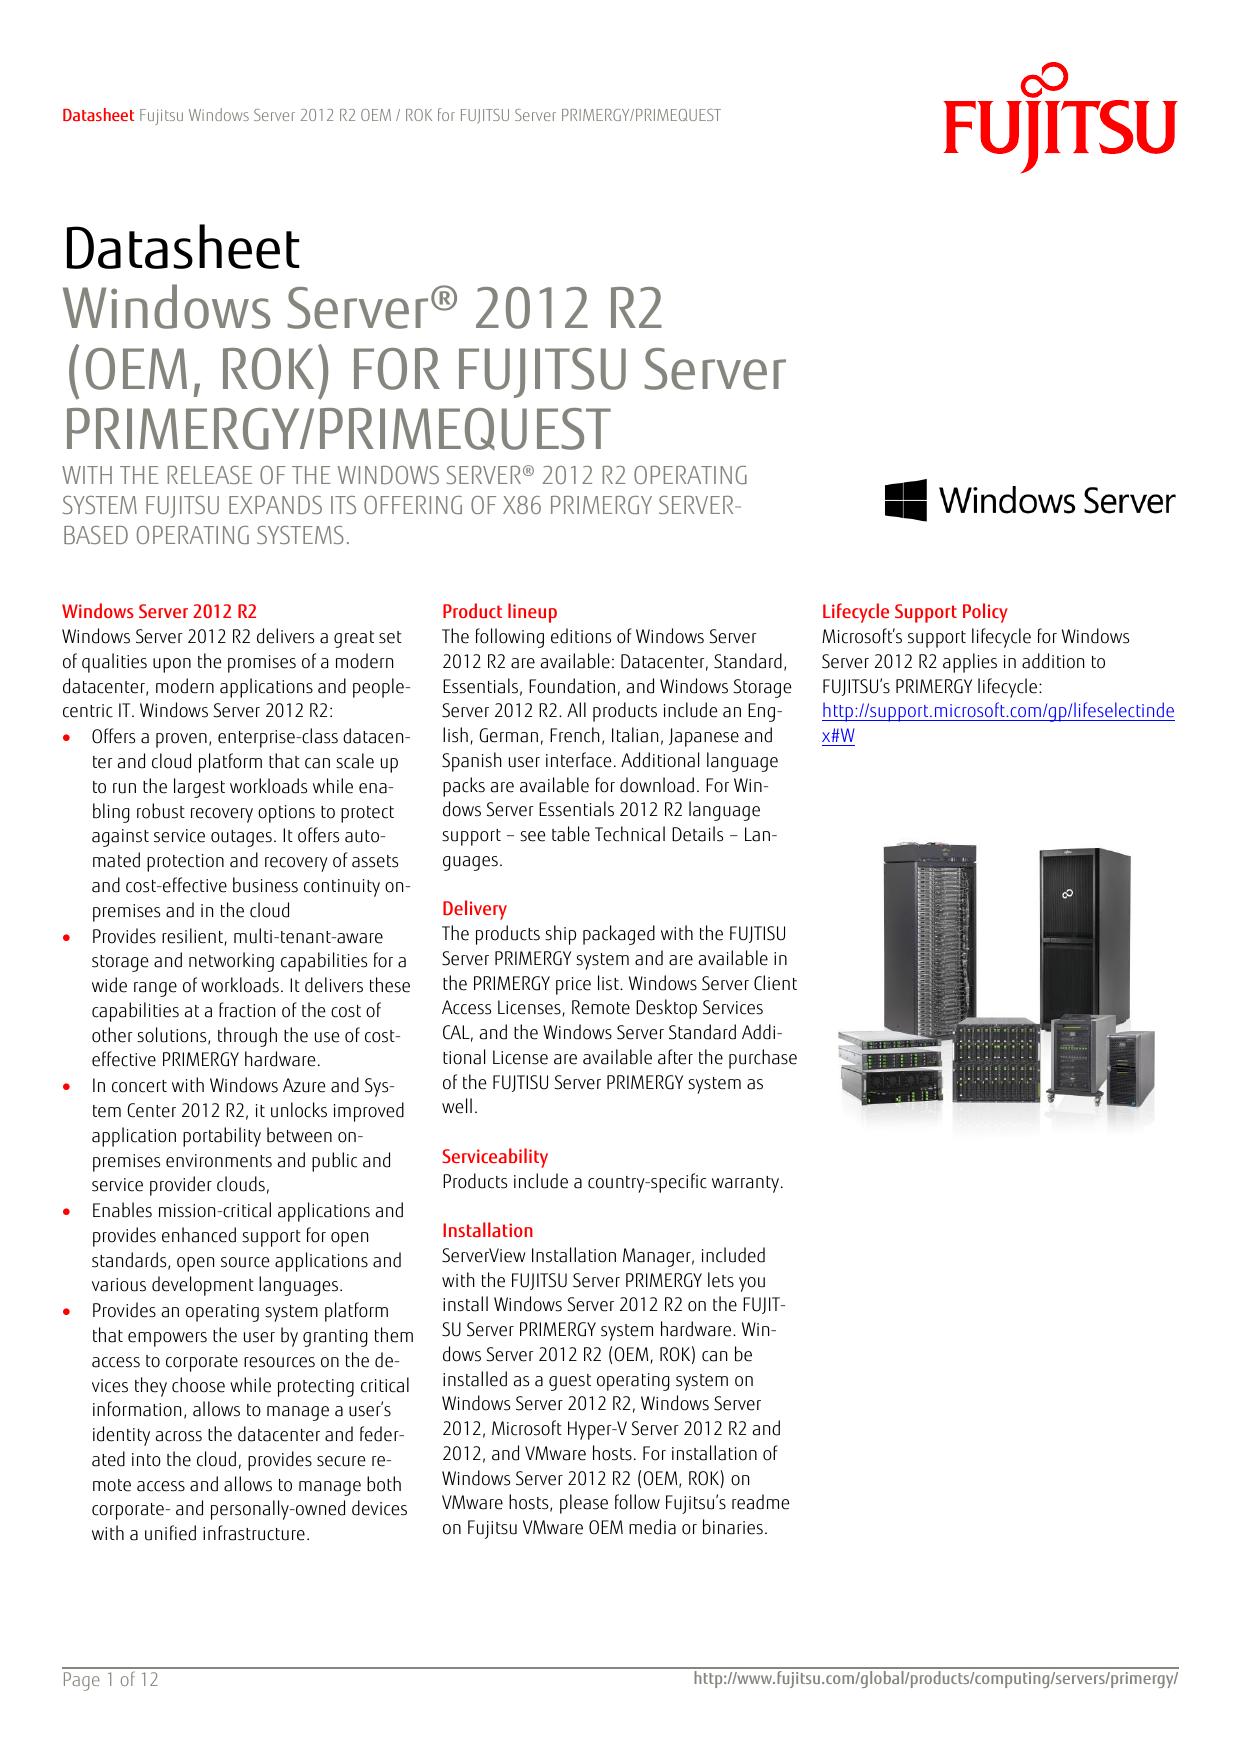 Datasheet Windows Server® 2012 R2 (OEM, ROK) FOR FUJITSU   manualzz com